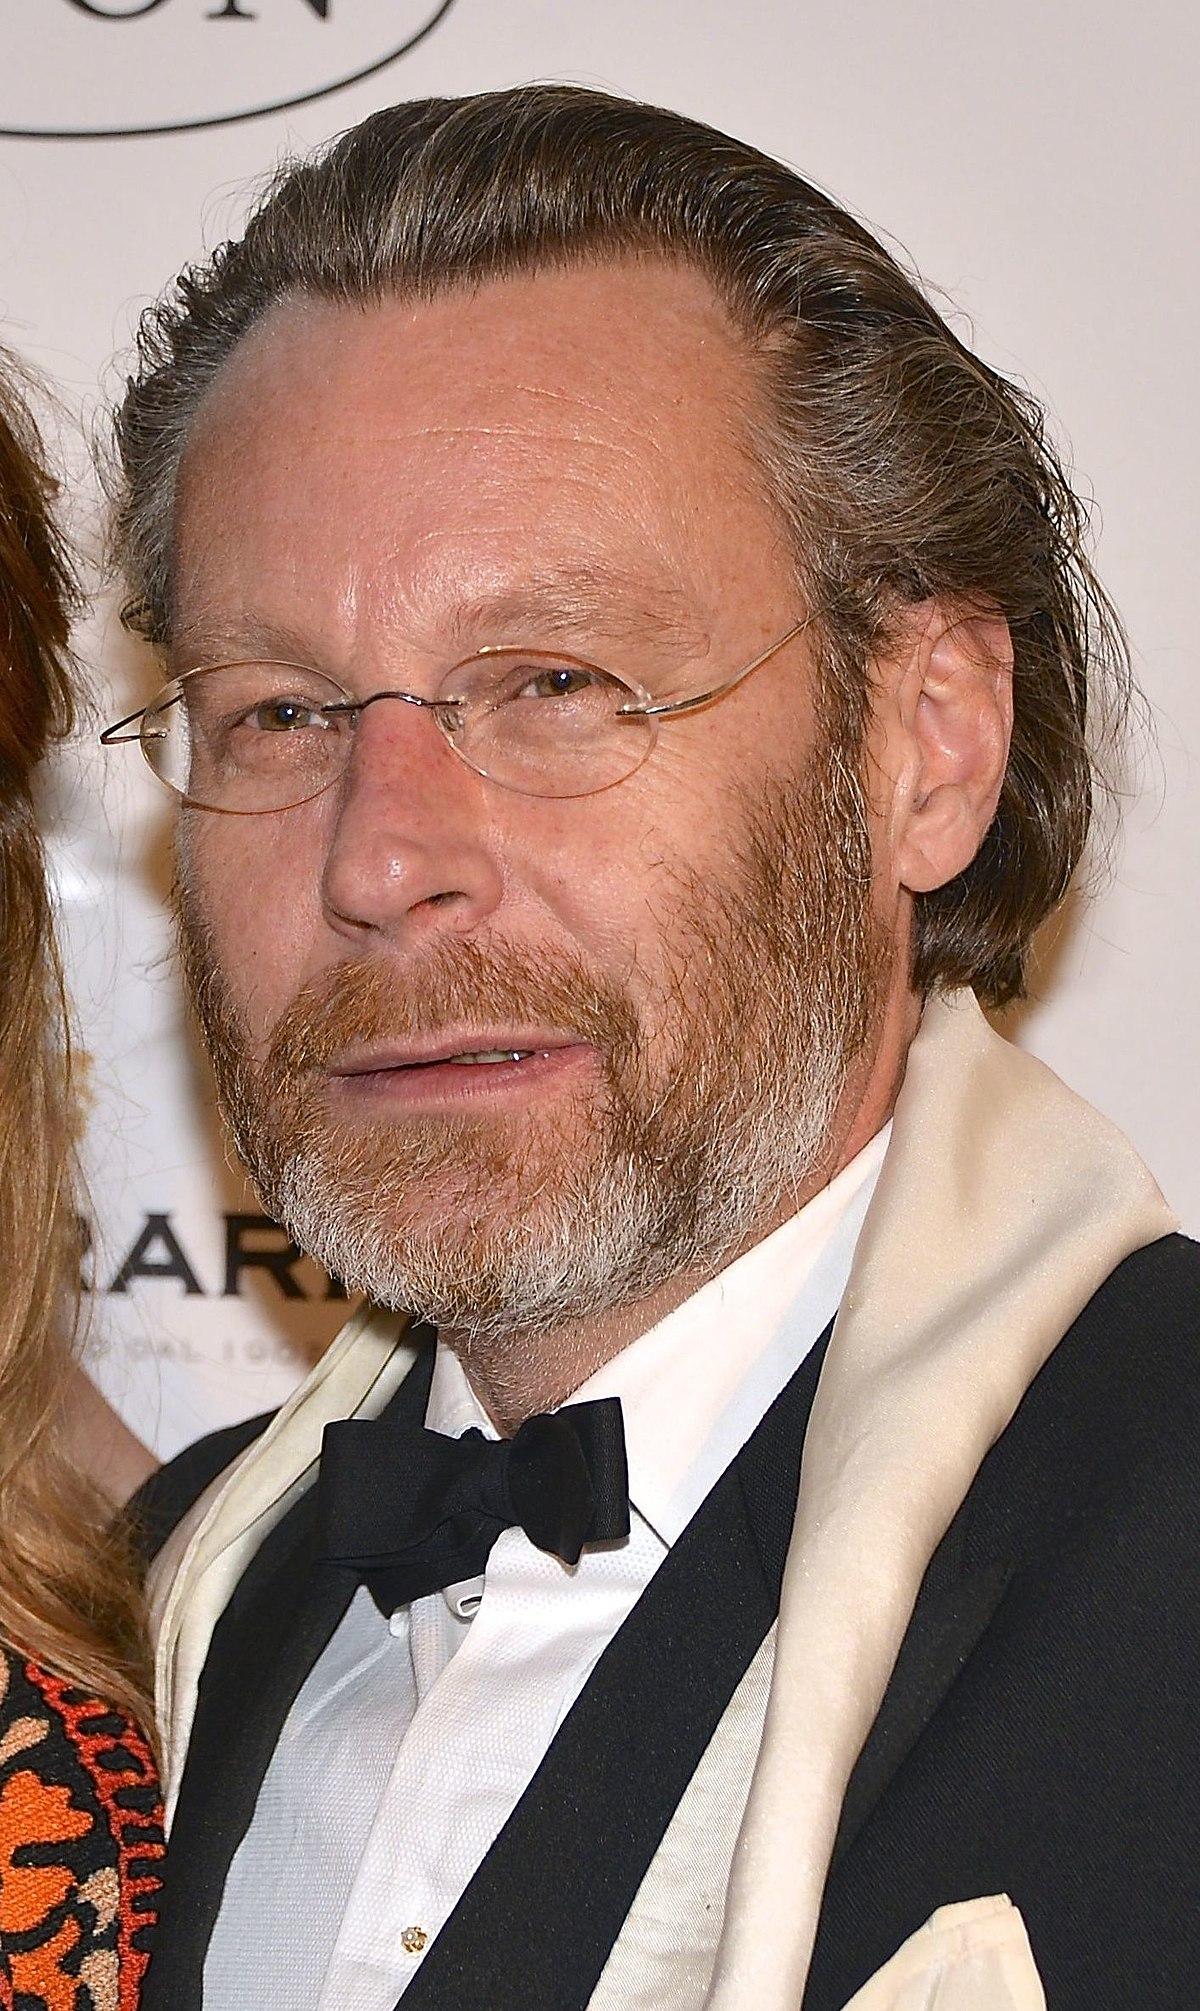 Johan H Son Kjellgren Wikipedia